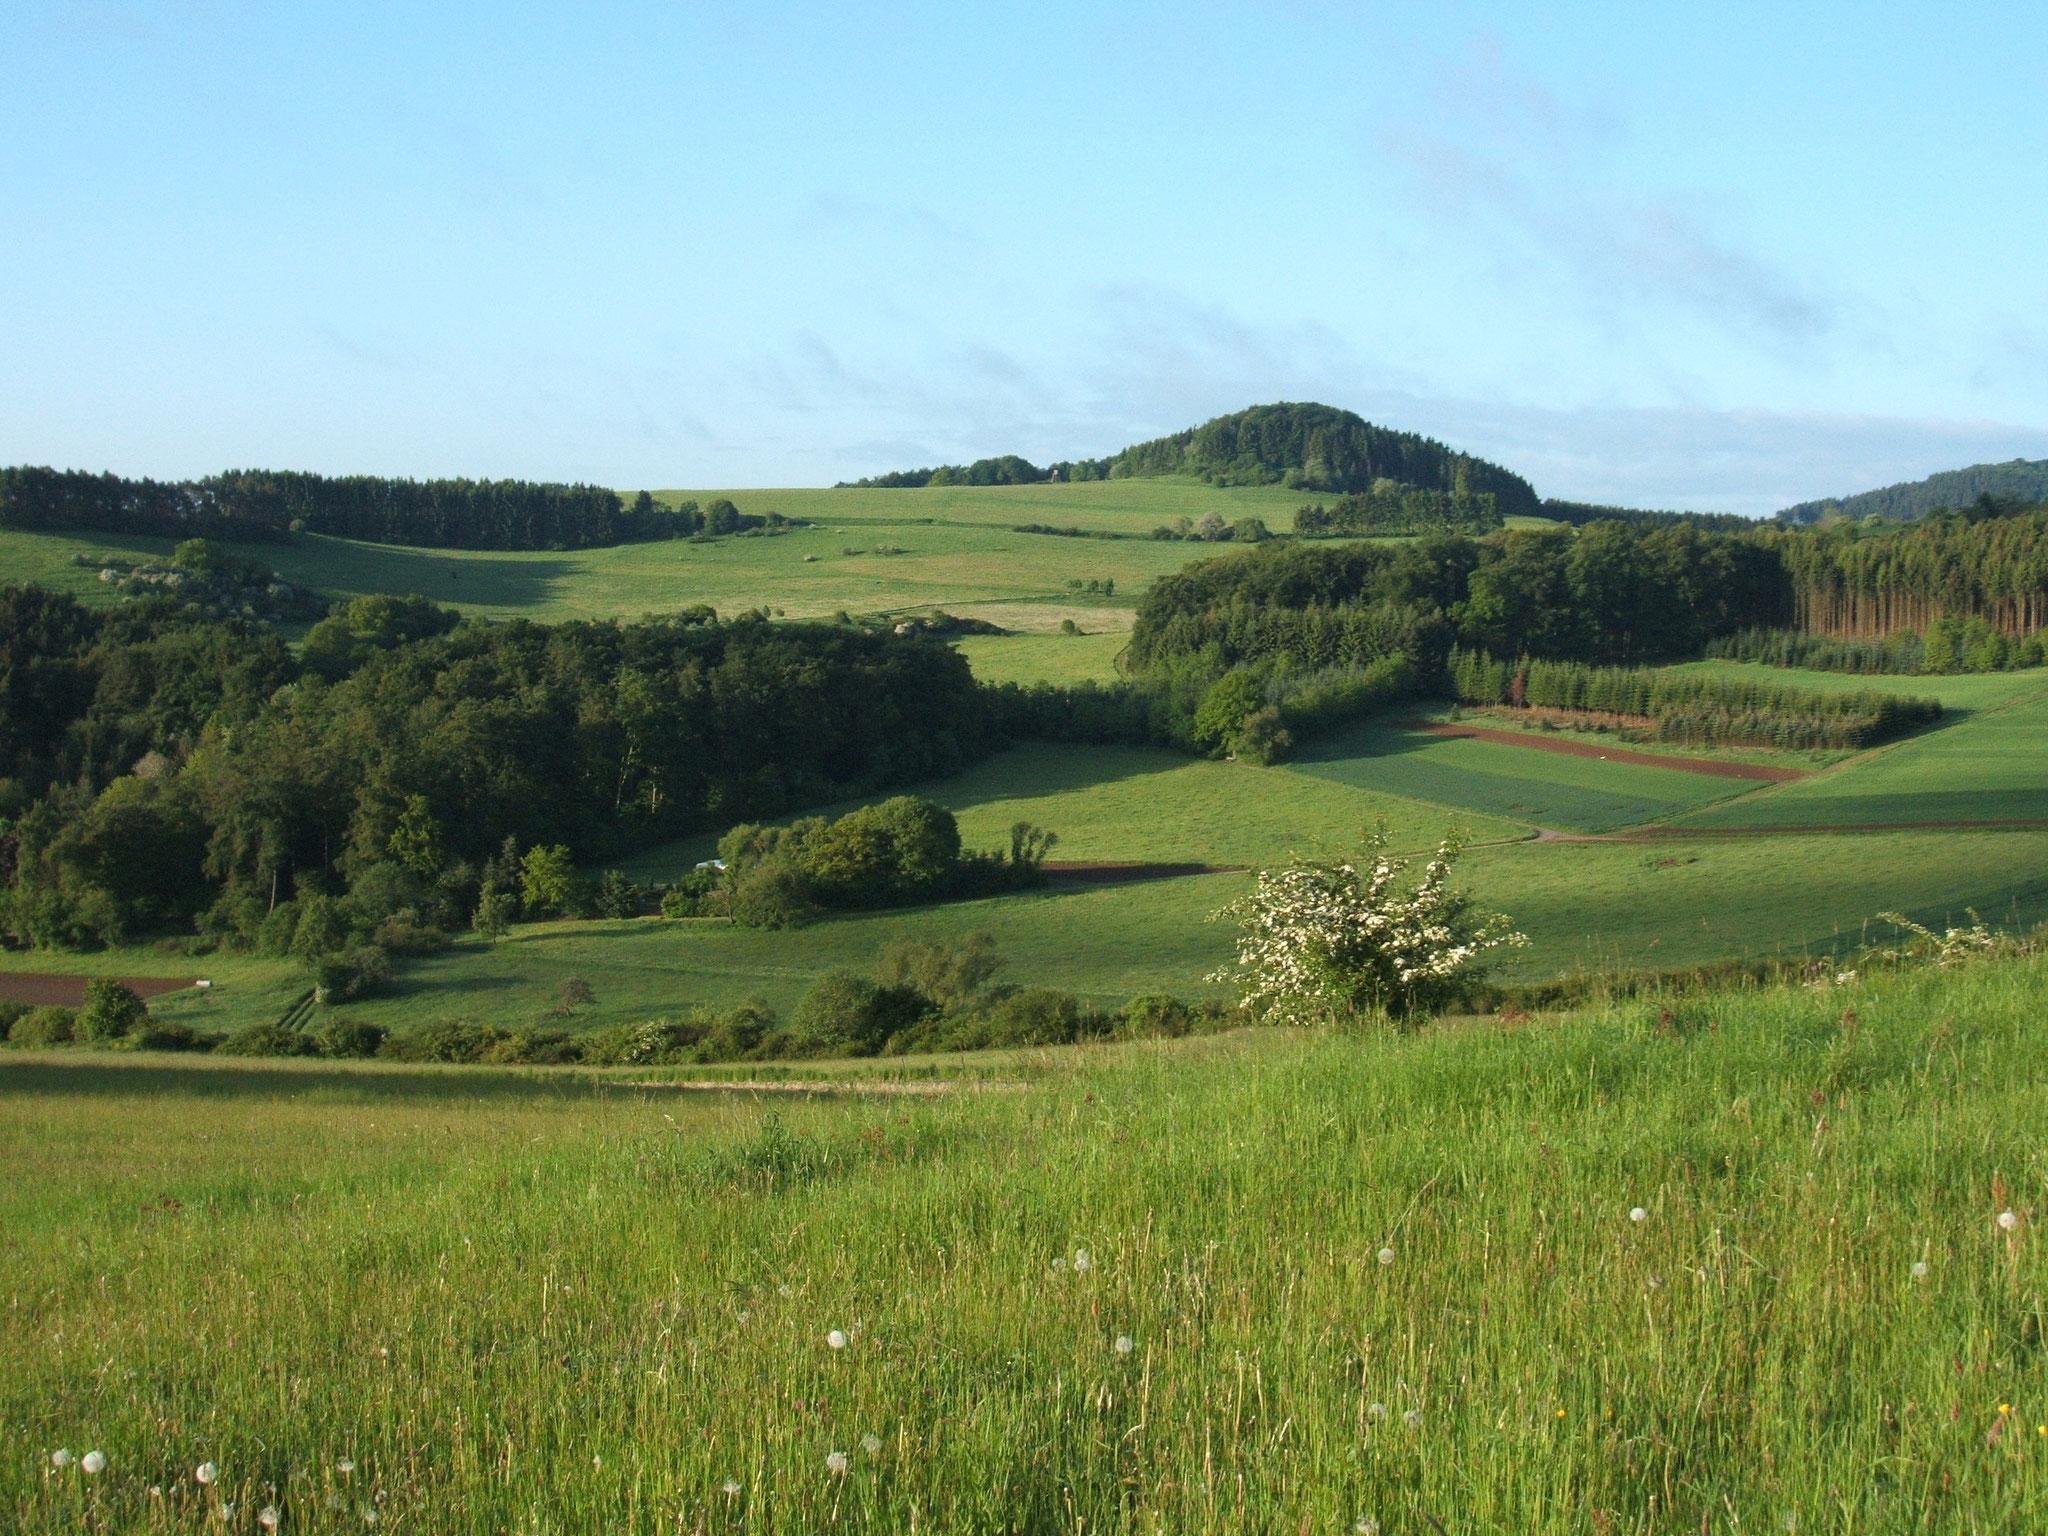 Hippersbachtal mit Vulkanberg Riemerich bei Daun-Neunkirchen